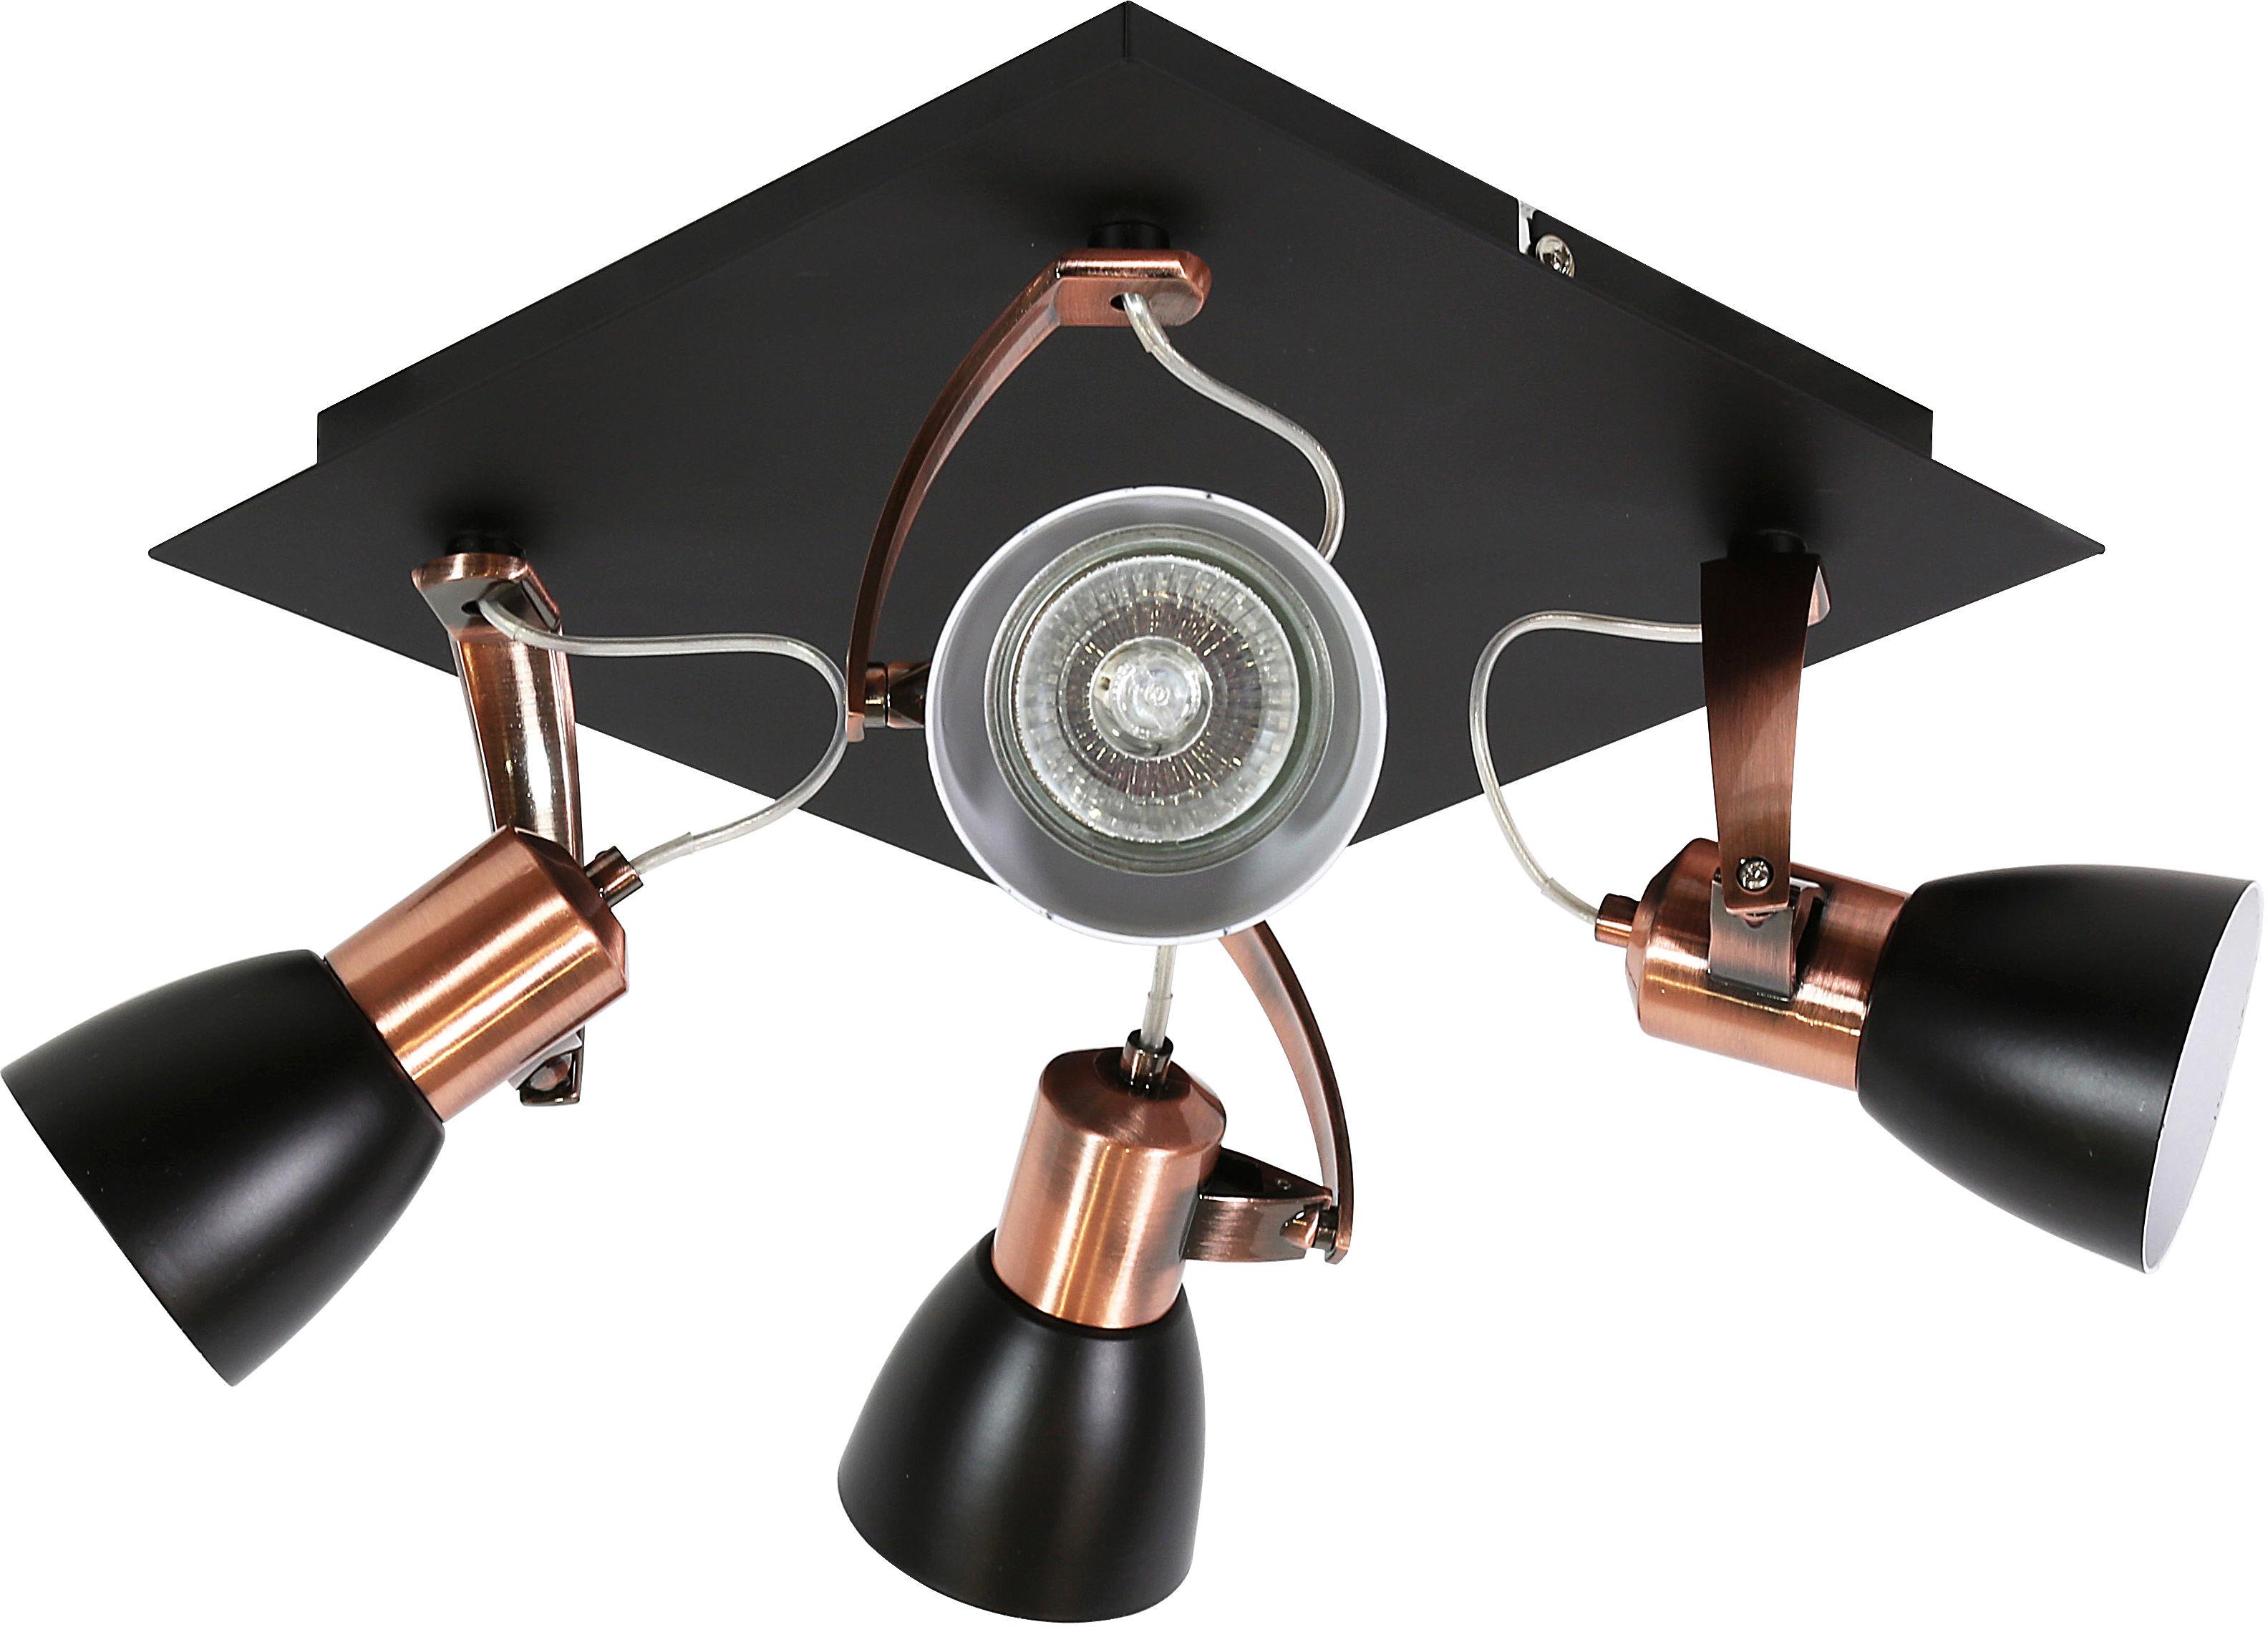 Candellux MARKUS 98-35639-M plafon lampa sufitowa czarny+miedziany regulacja klosza 4X50W GU10 30cm